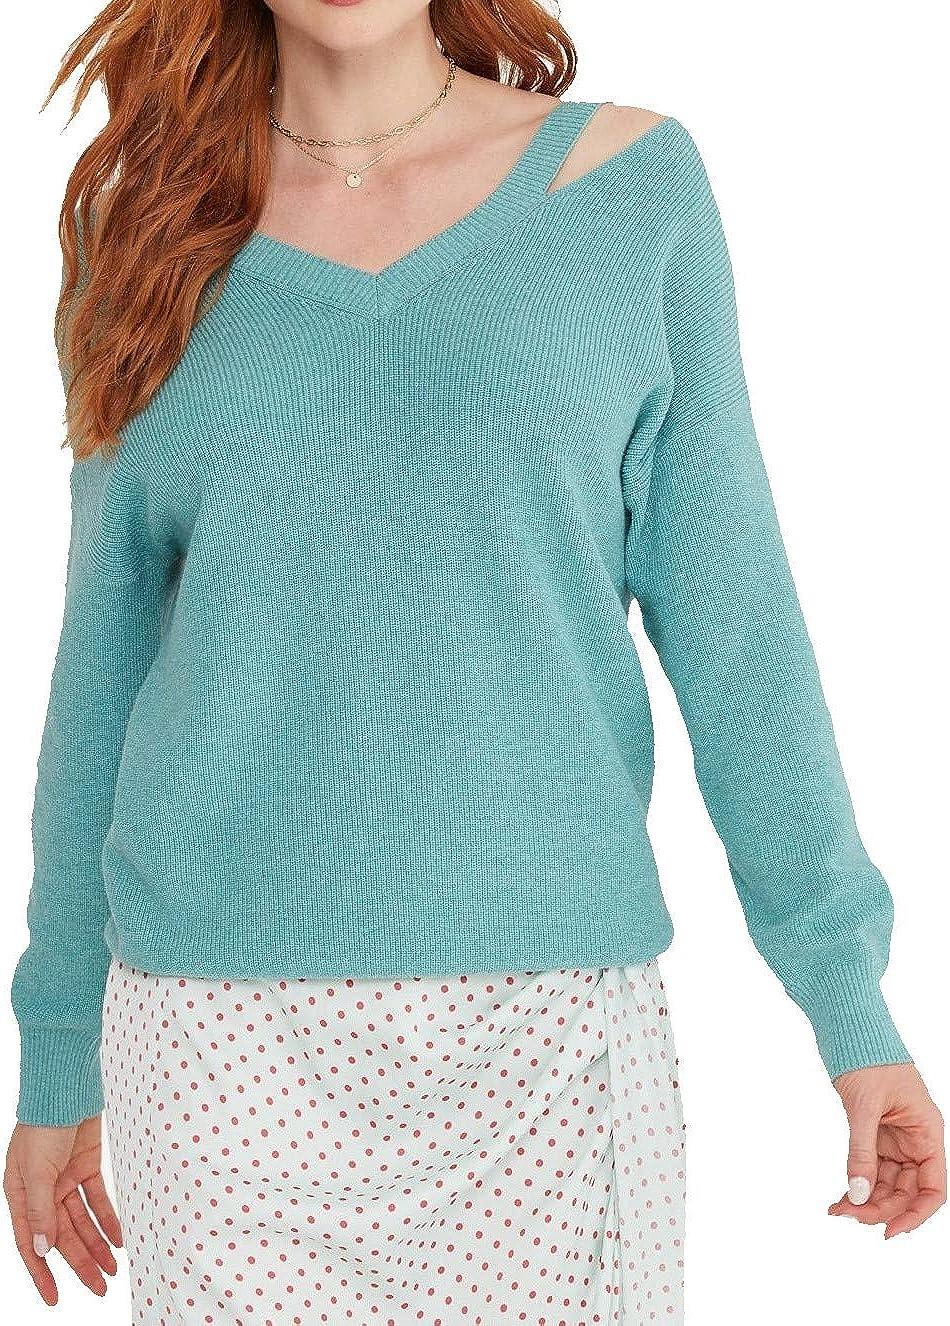 Cashmeren Women's Cotton Cashmere V-Neck Cut-Out Shoulder Boatneck Pullover